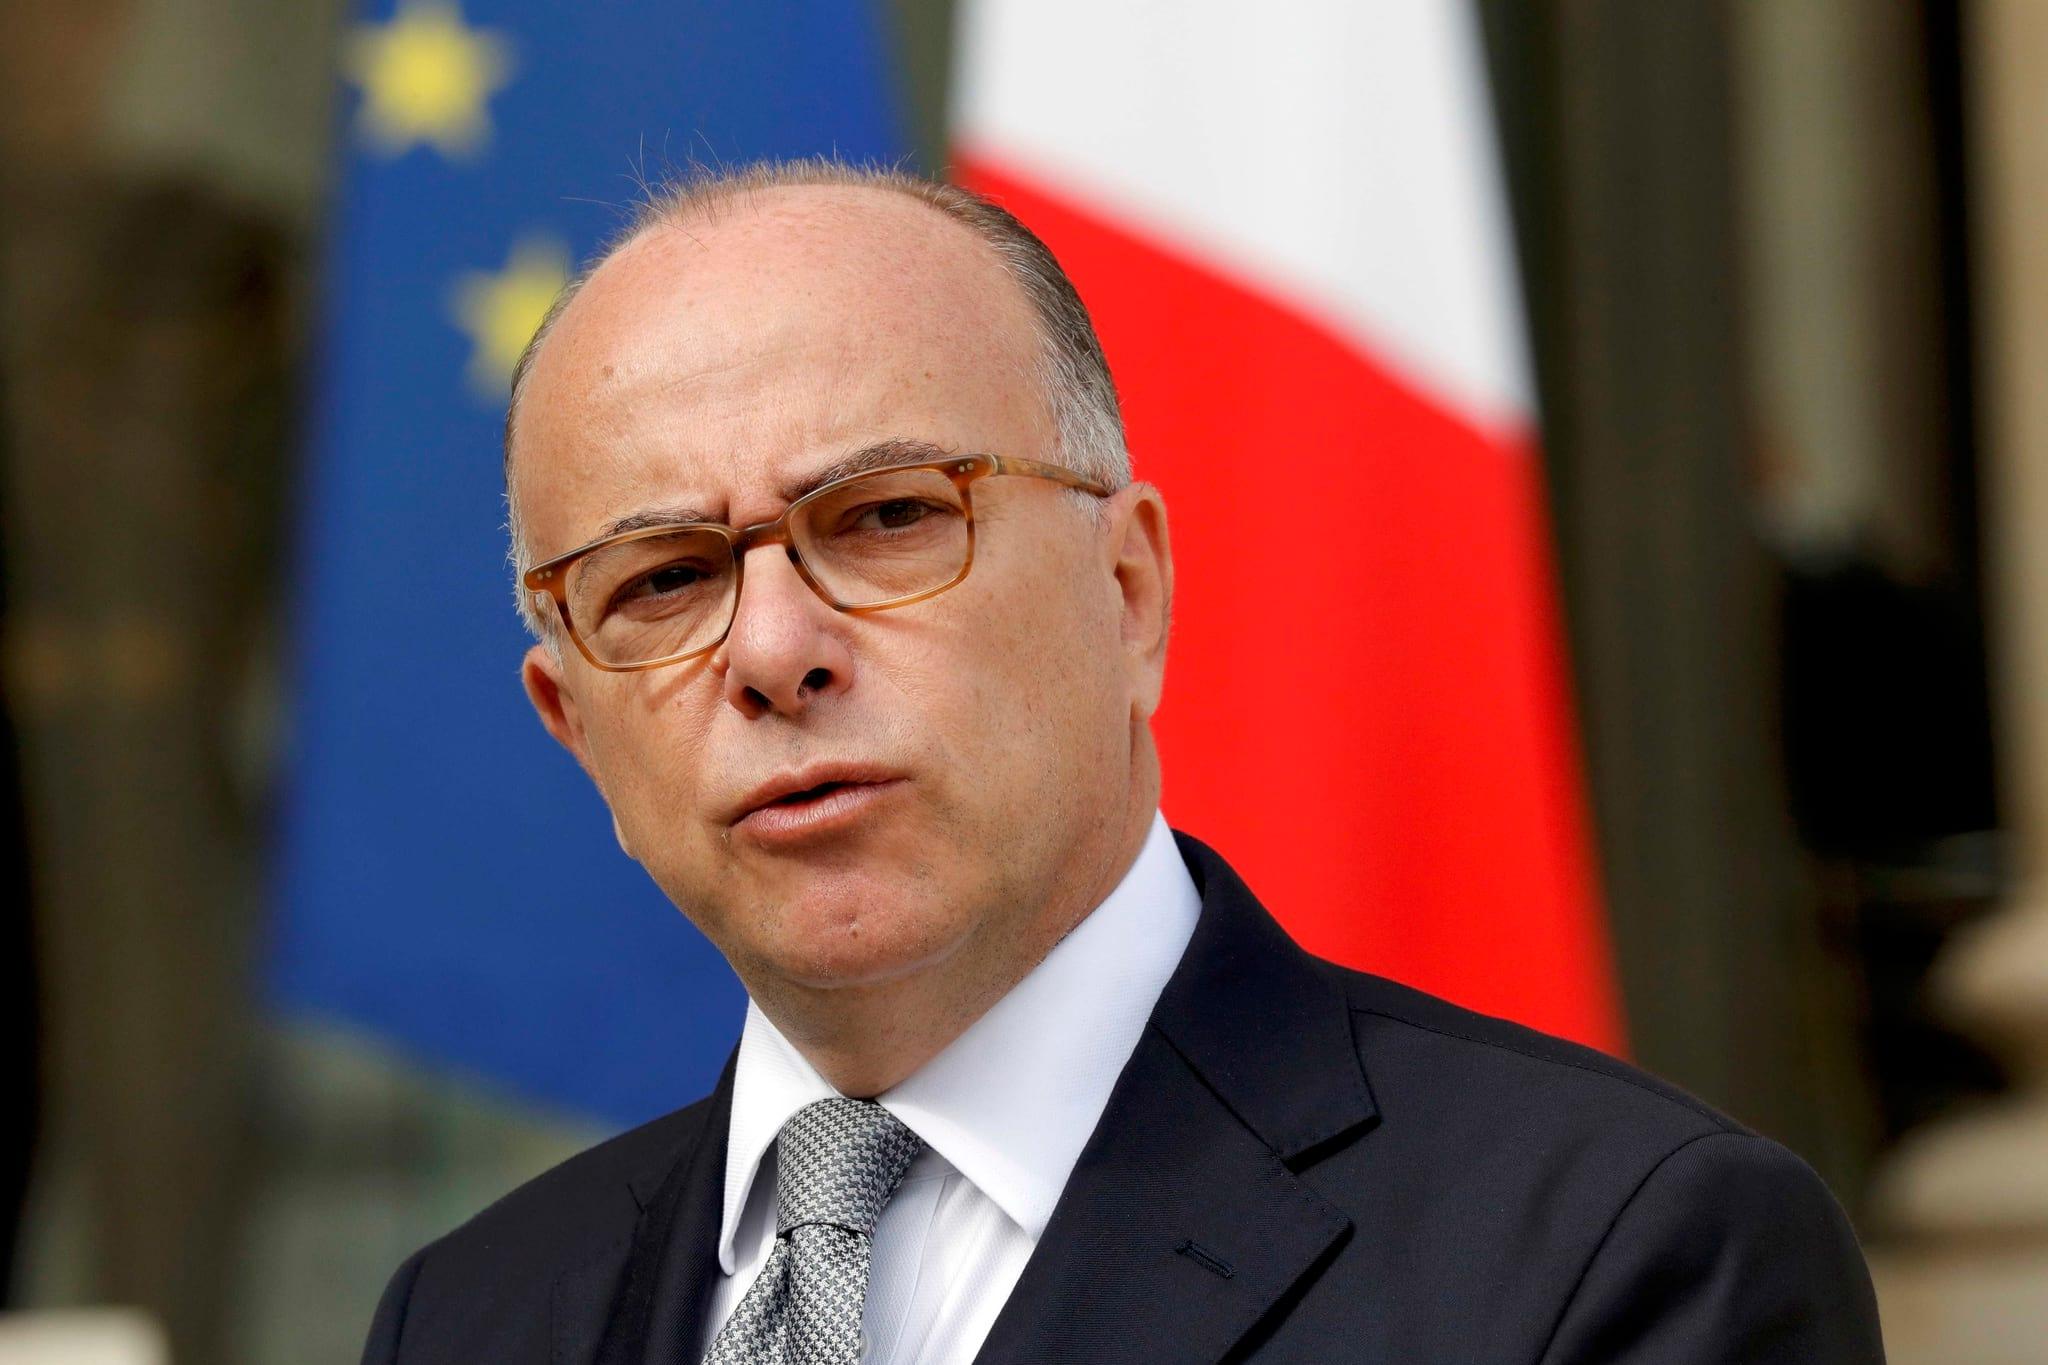 PÚBLICO - Hollande escolhe um gestor de crises para a recta final do Governo